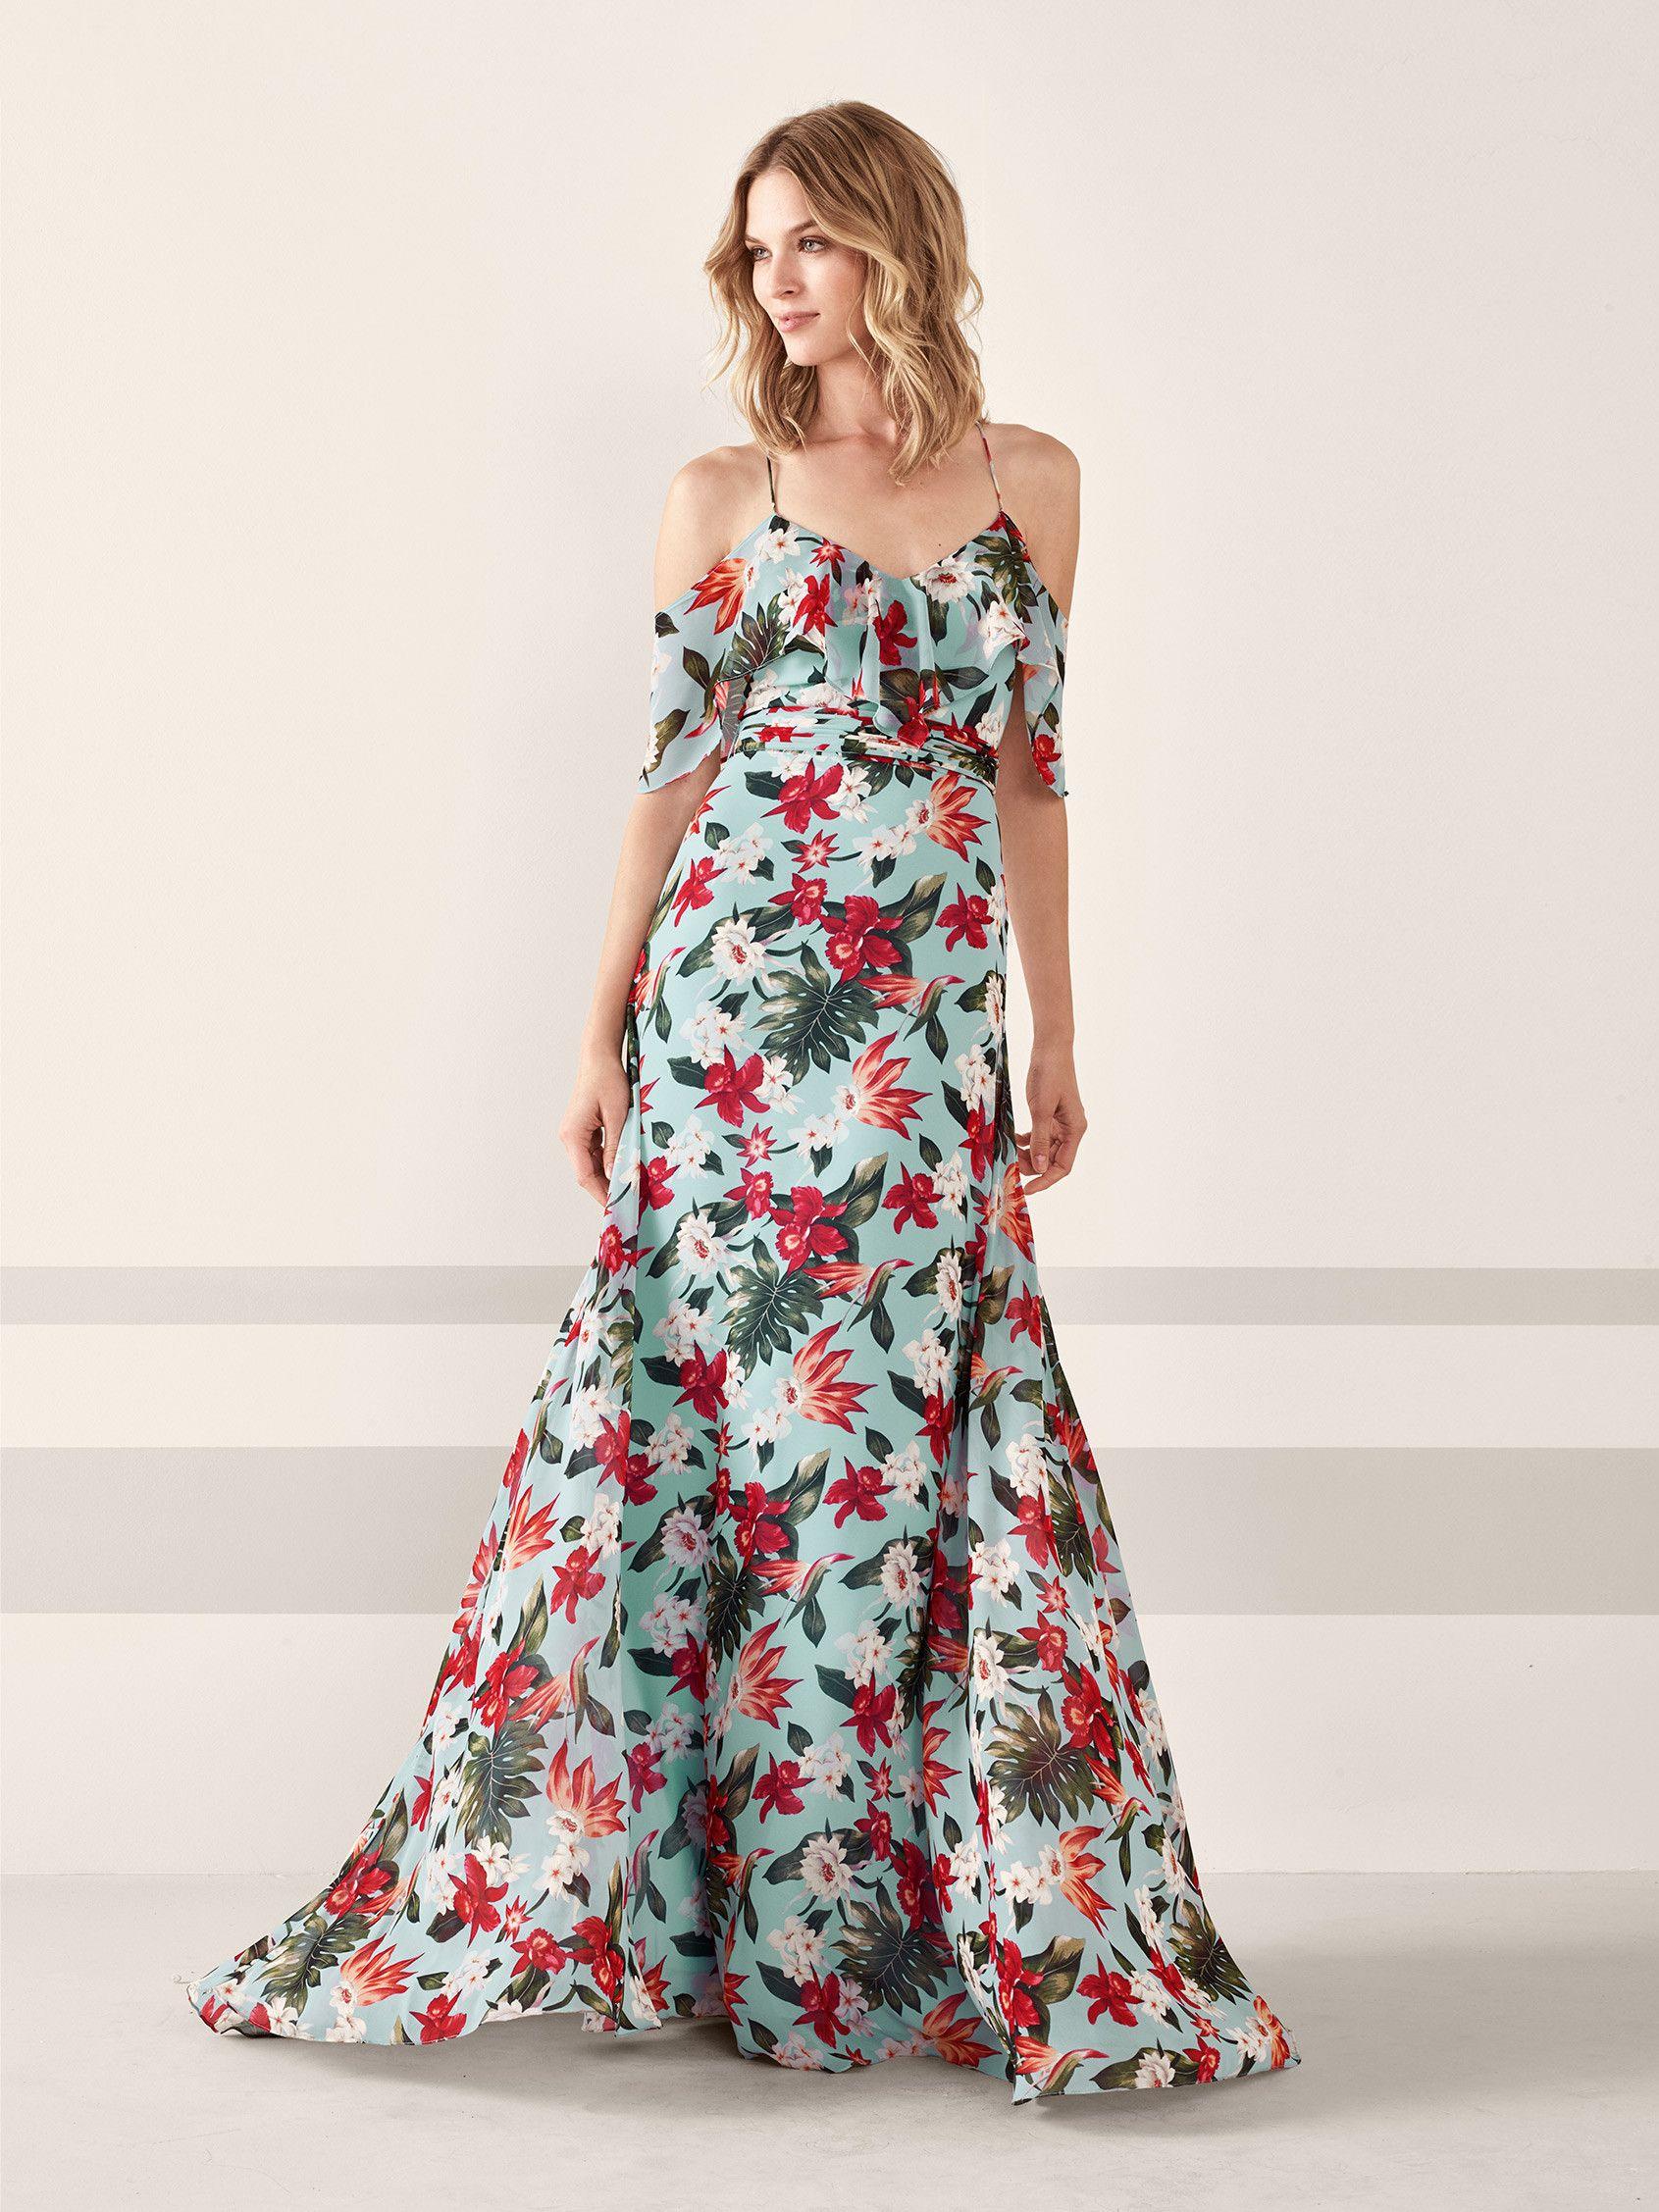 5745e8e1835 Boho-chic cocktail dress with flower print JAMEO